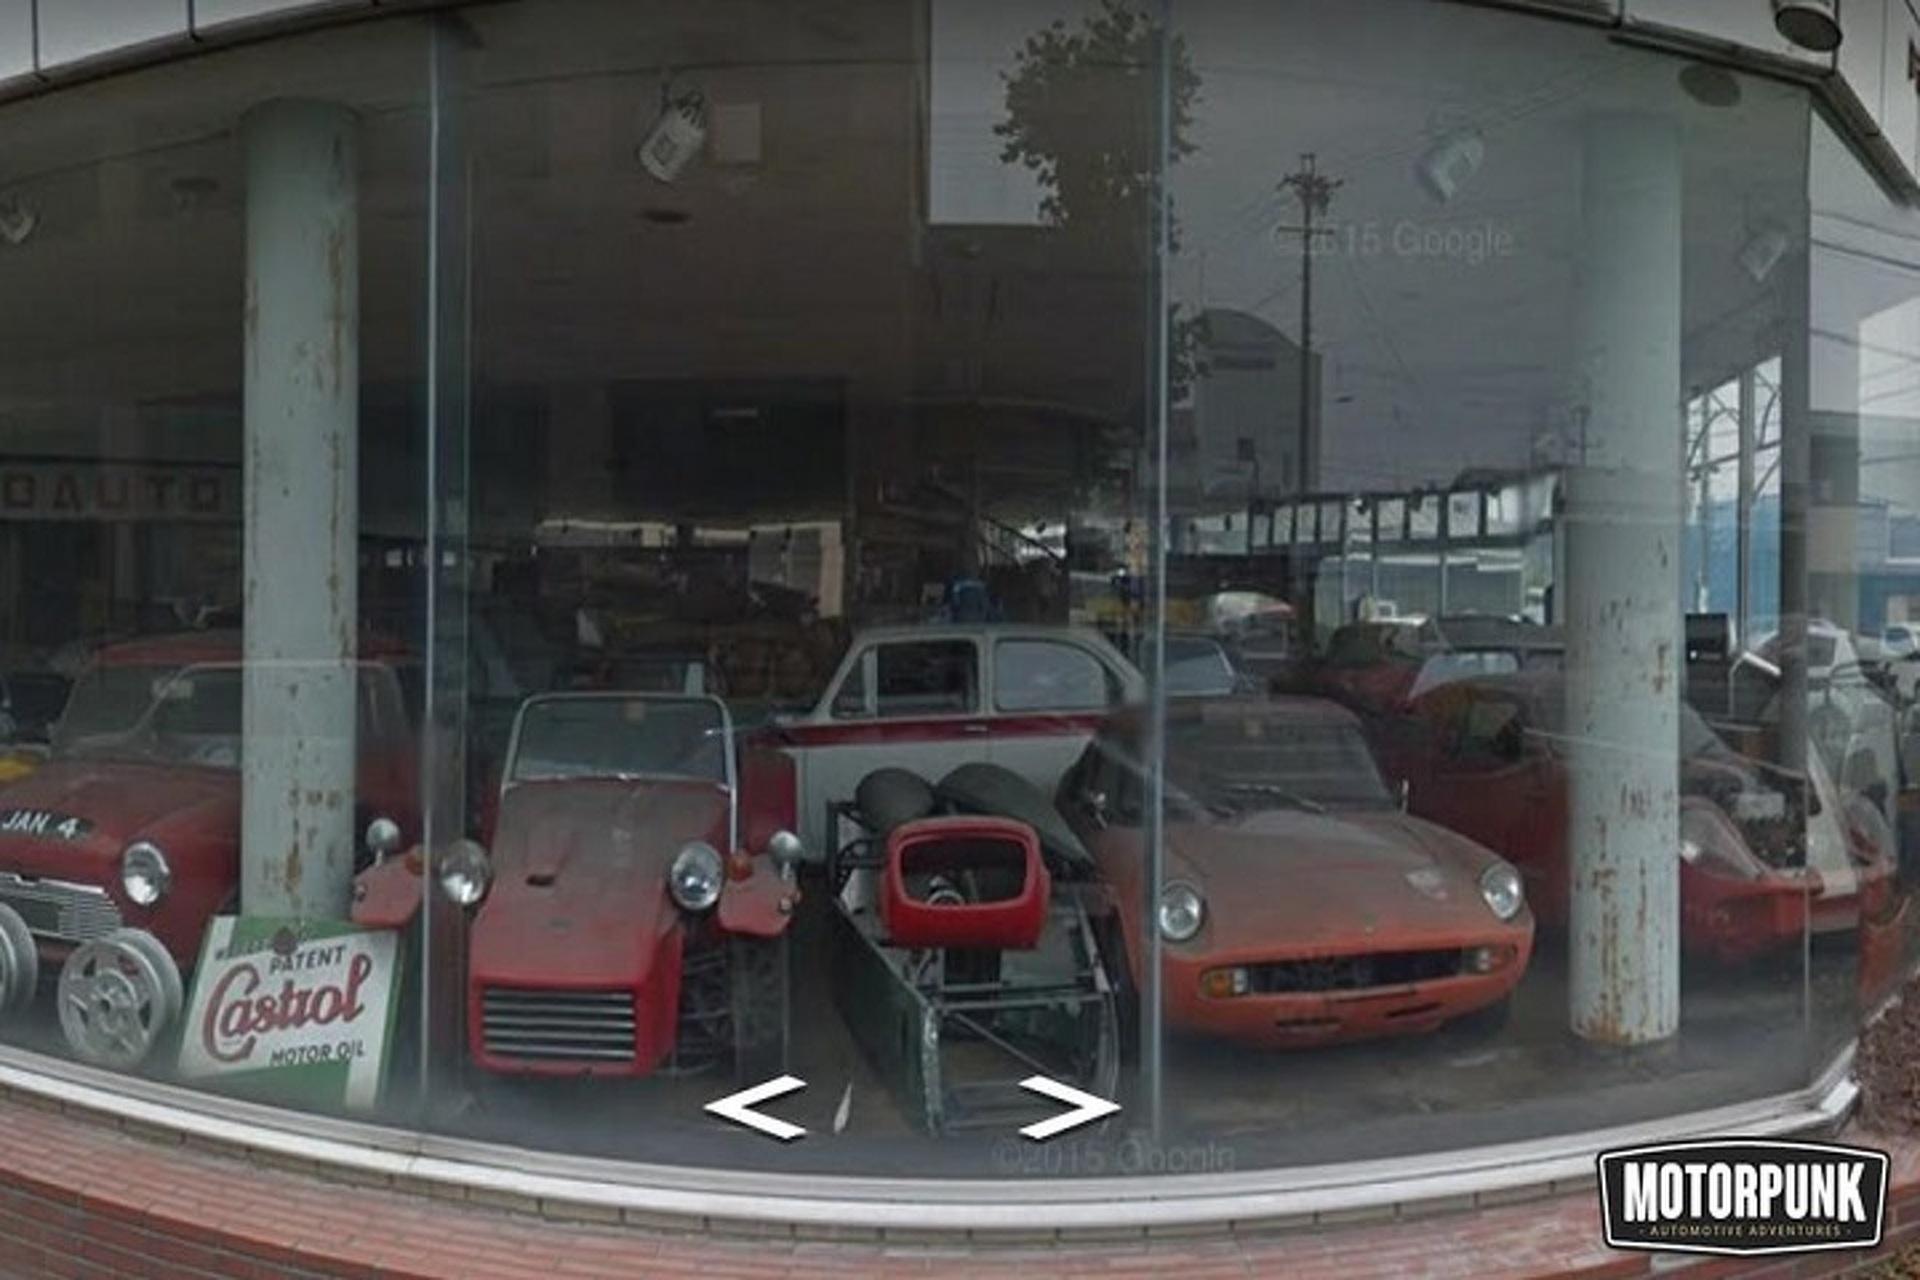 Treasure Trove of European Cars Abandoned in Japan